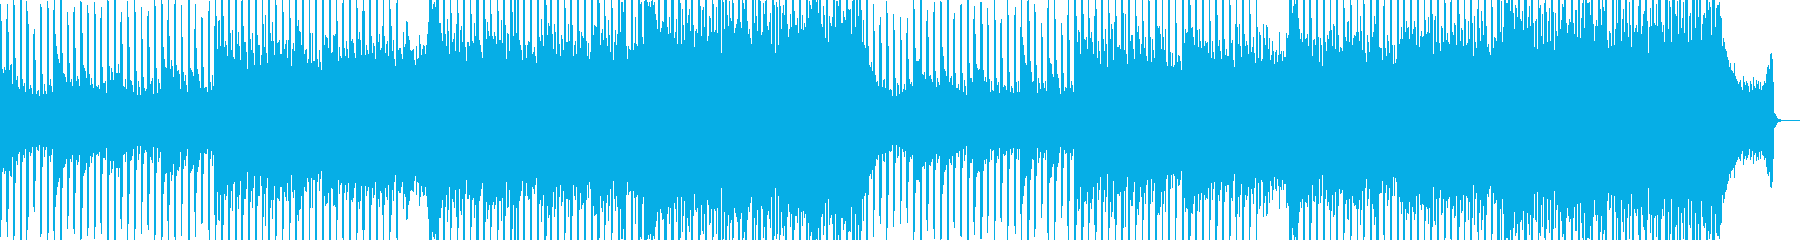 企業VP向け、爽やかポップ4つ打ち11aの再生済みの波形